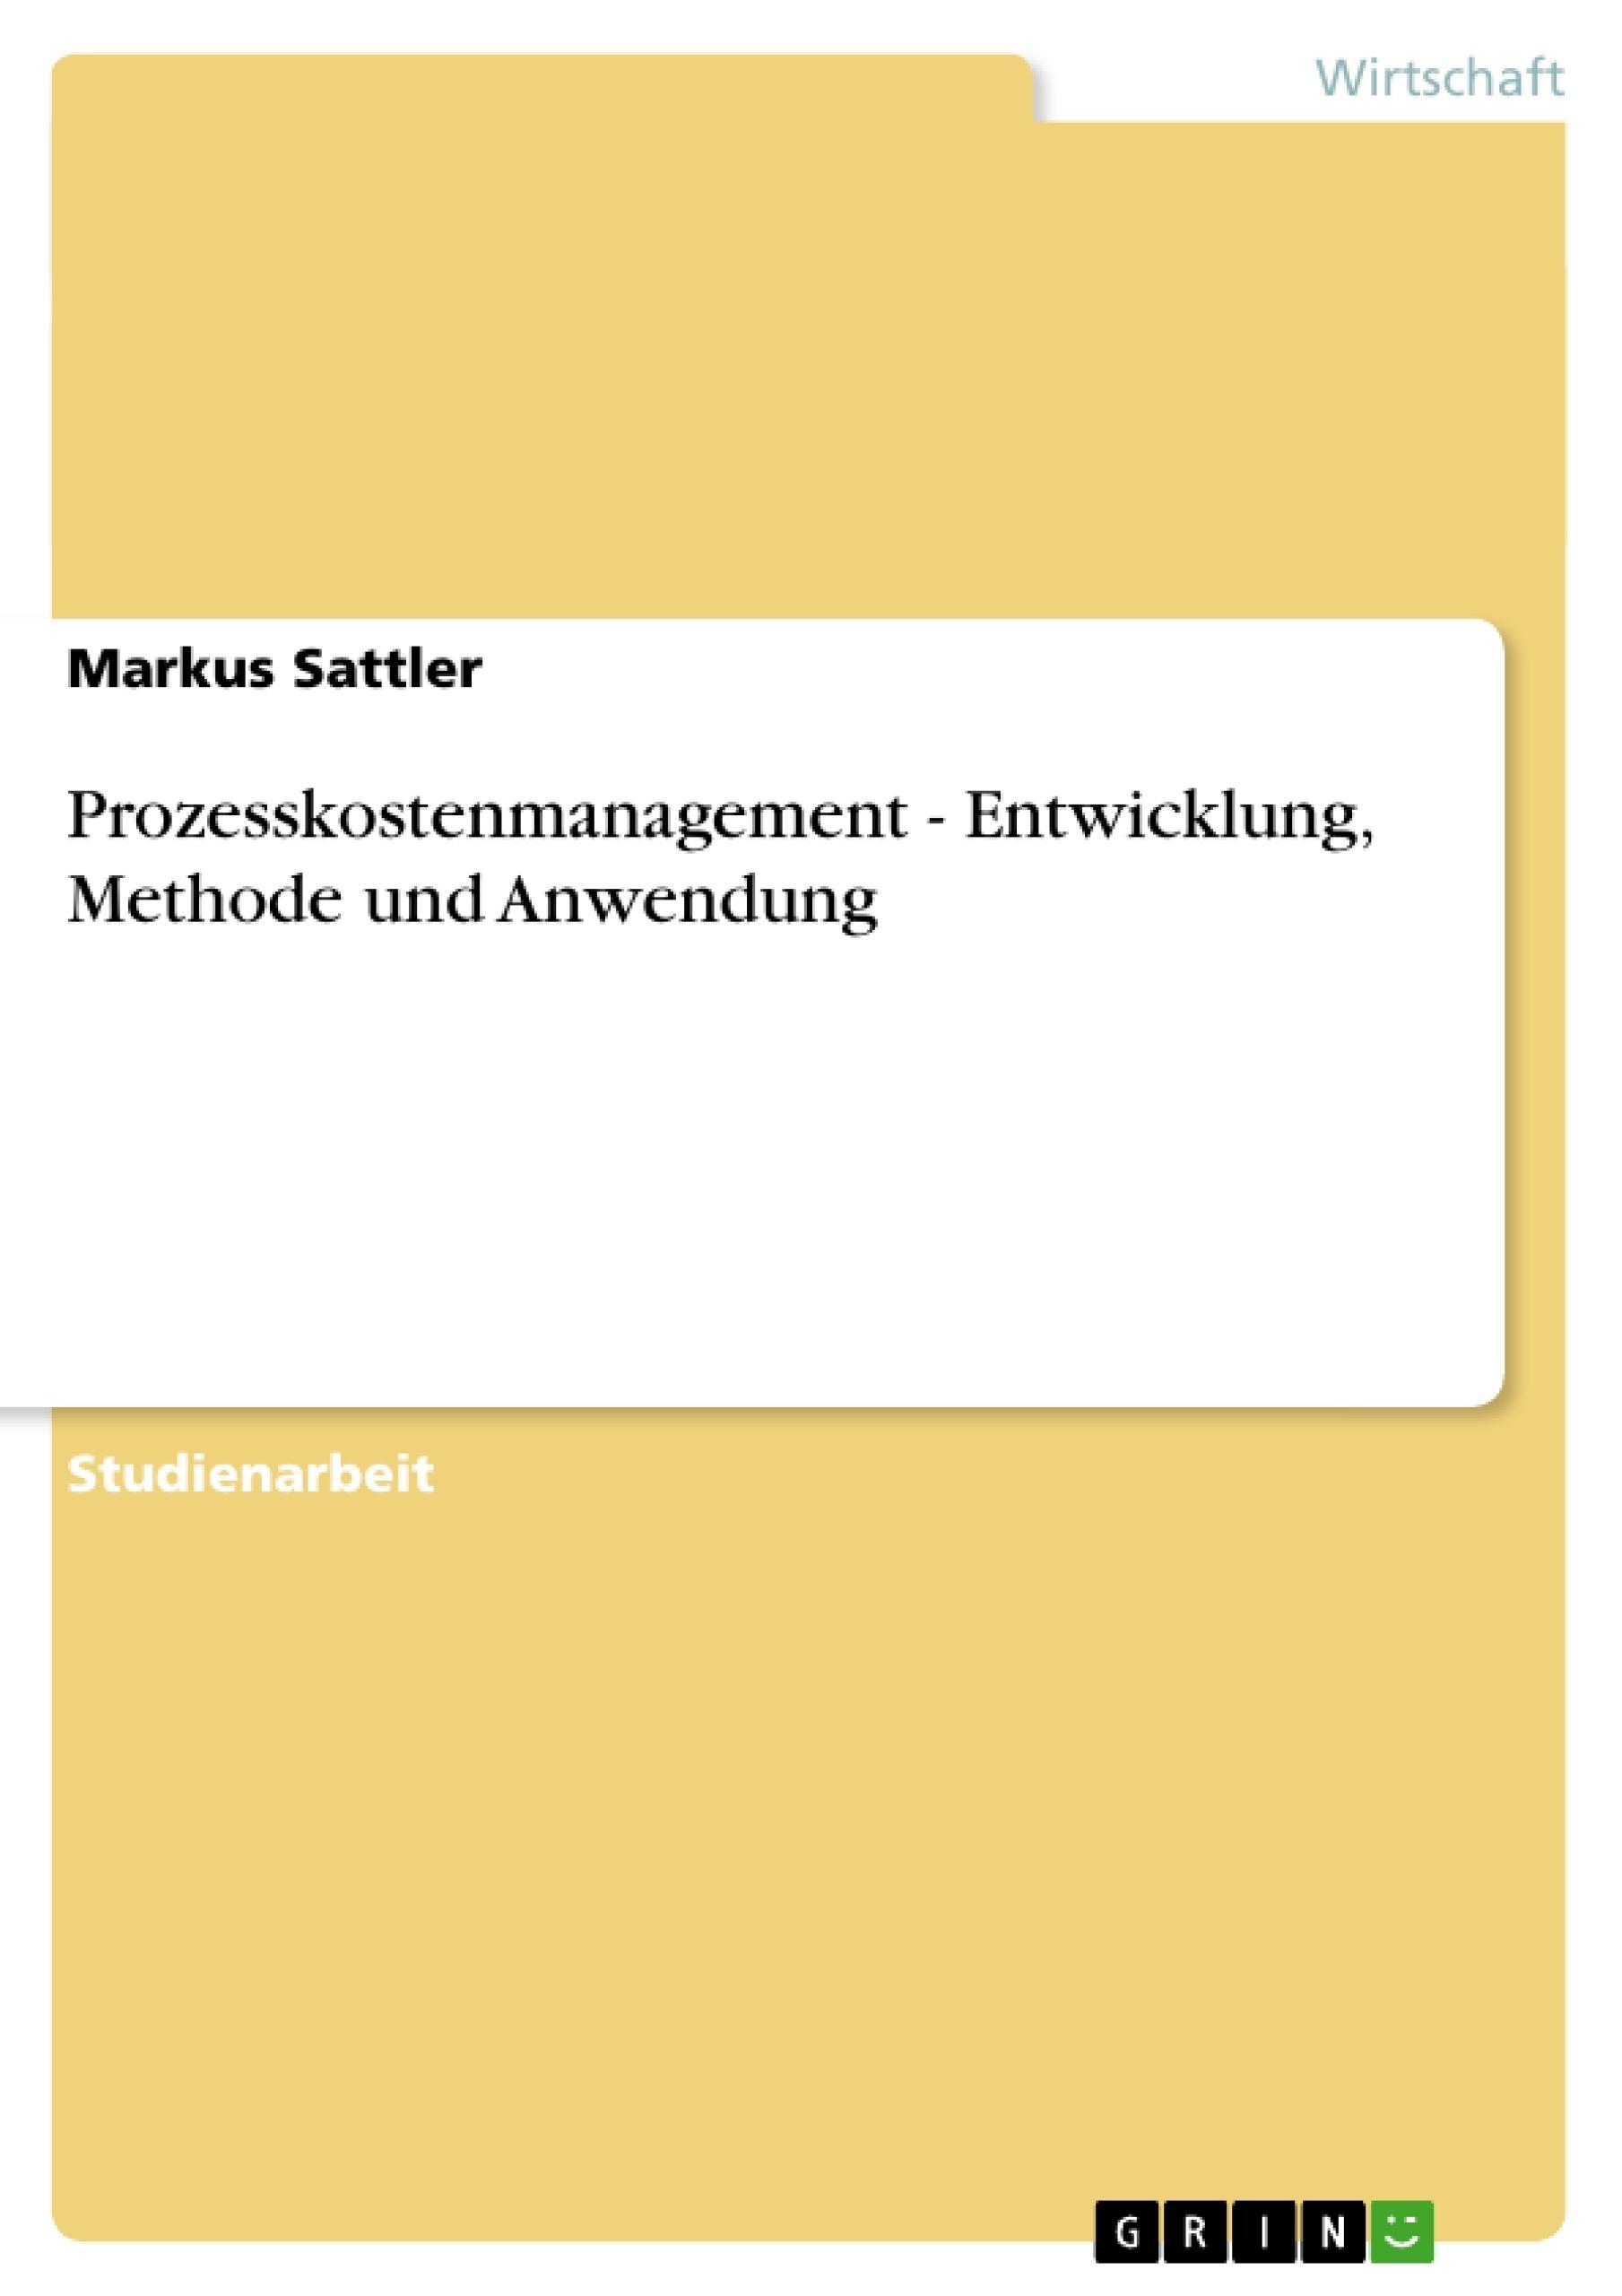 Titel: Prozesskostenmanagement - Entwicklung, Methode und Anwendung